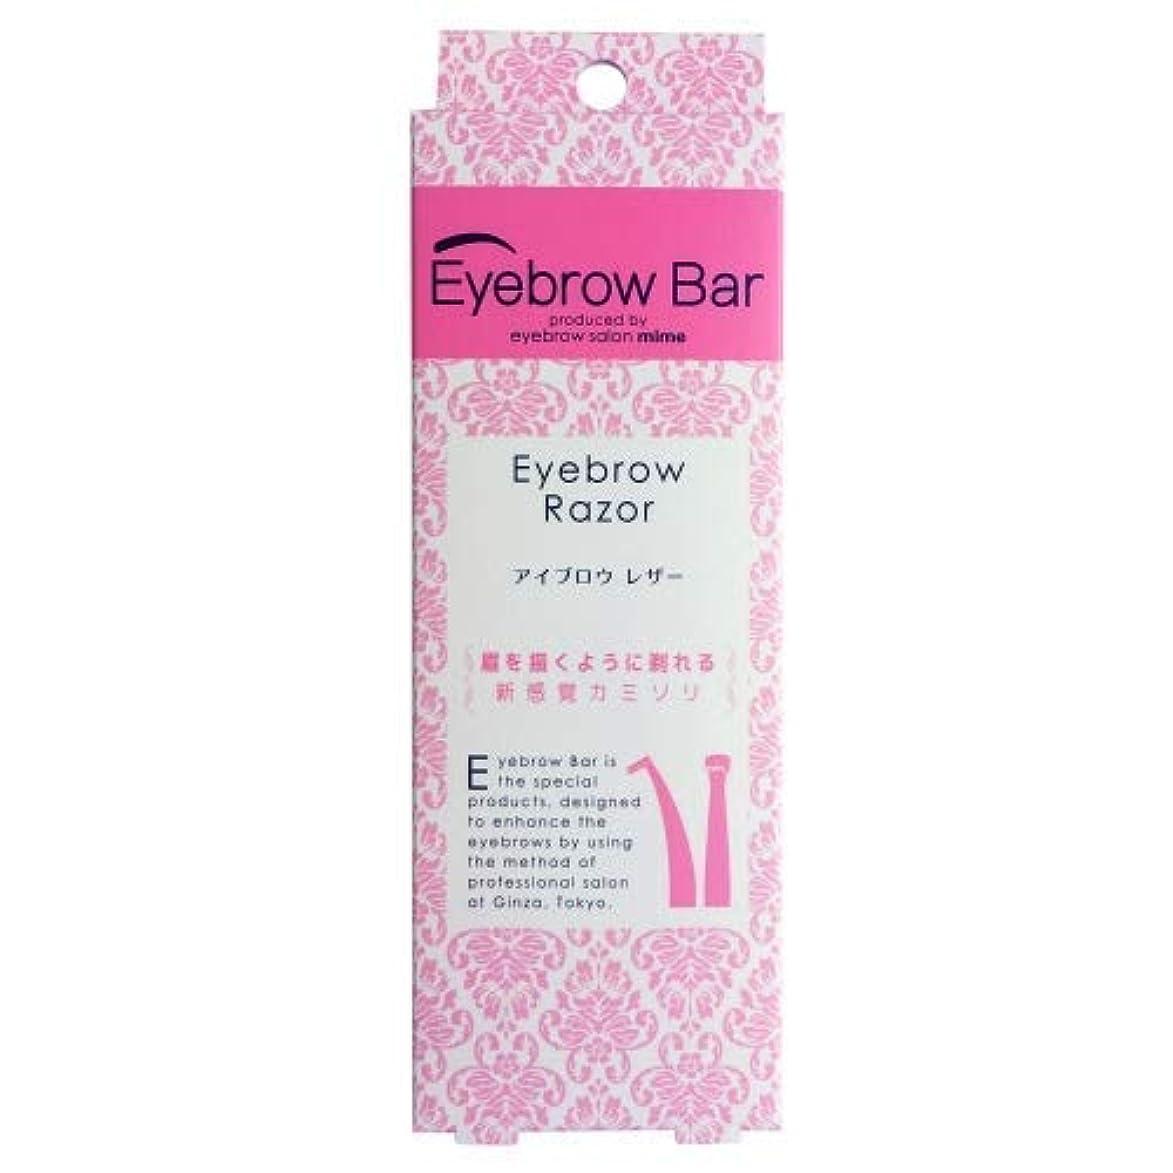 超えて敬意を表するフェザーEBB-03 Eyebrow Bar アイブロウ レザー 1本 × 4個セット